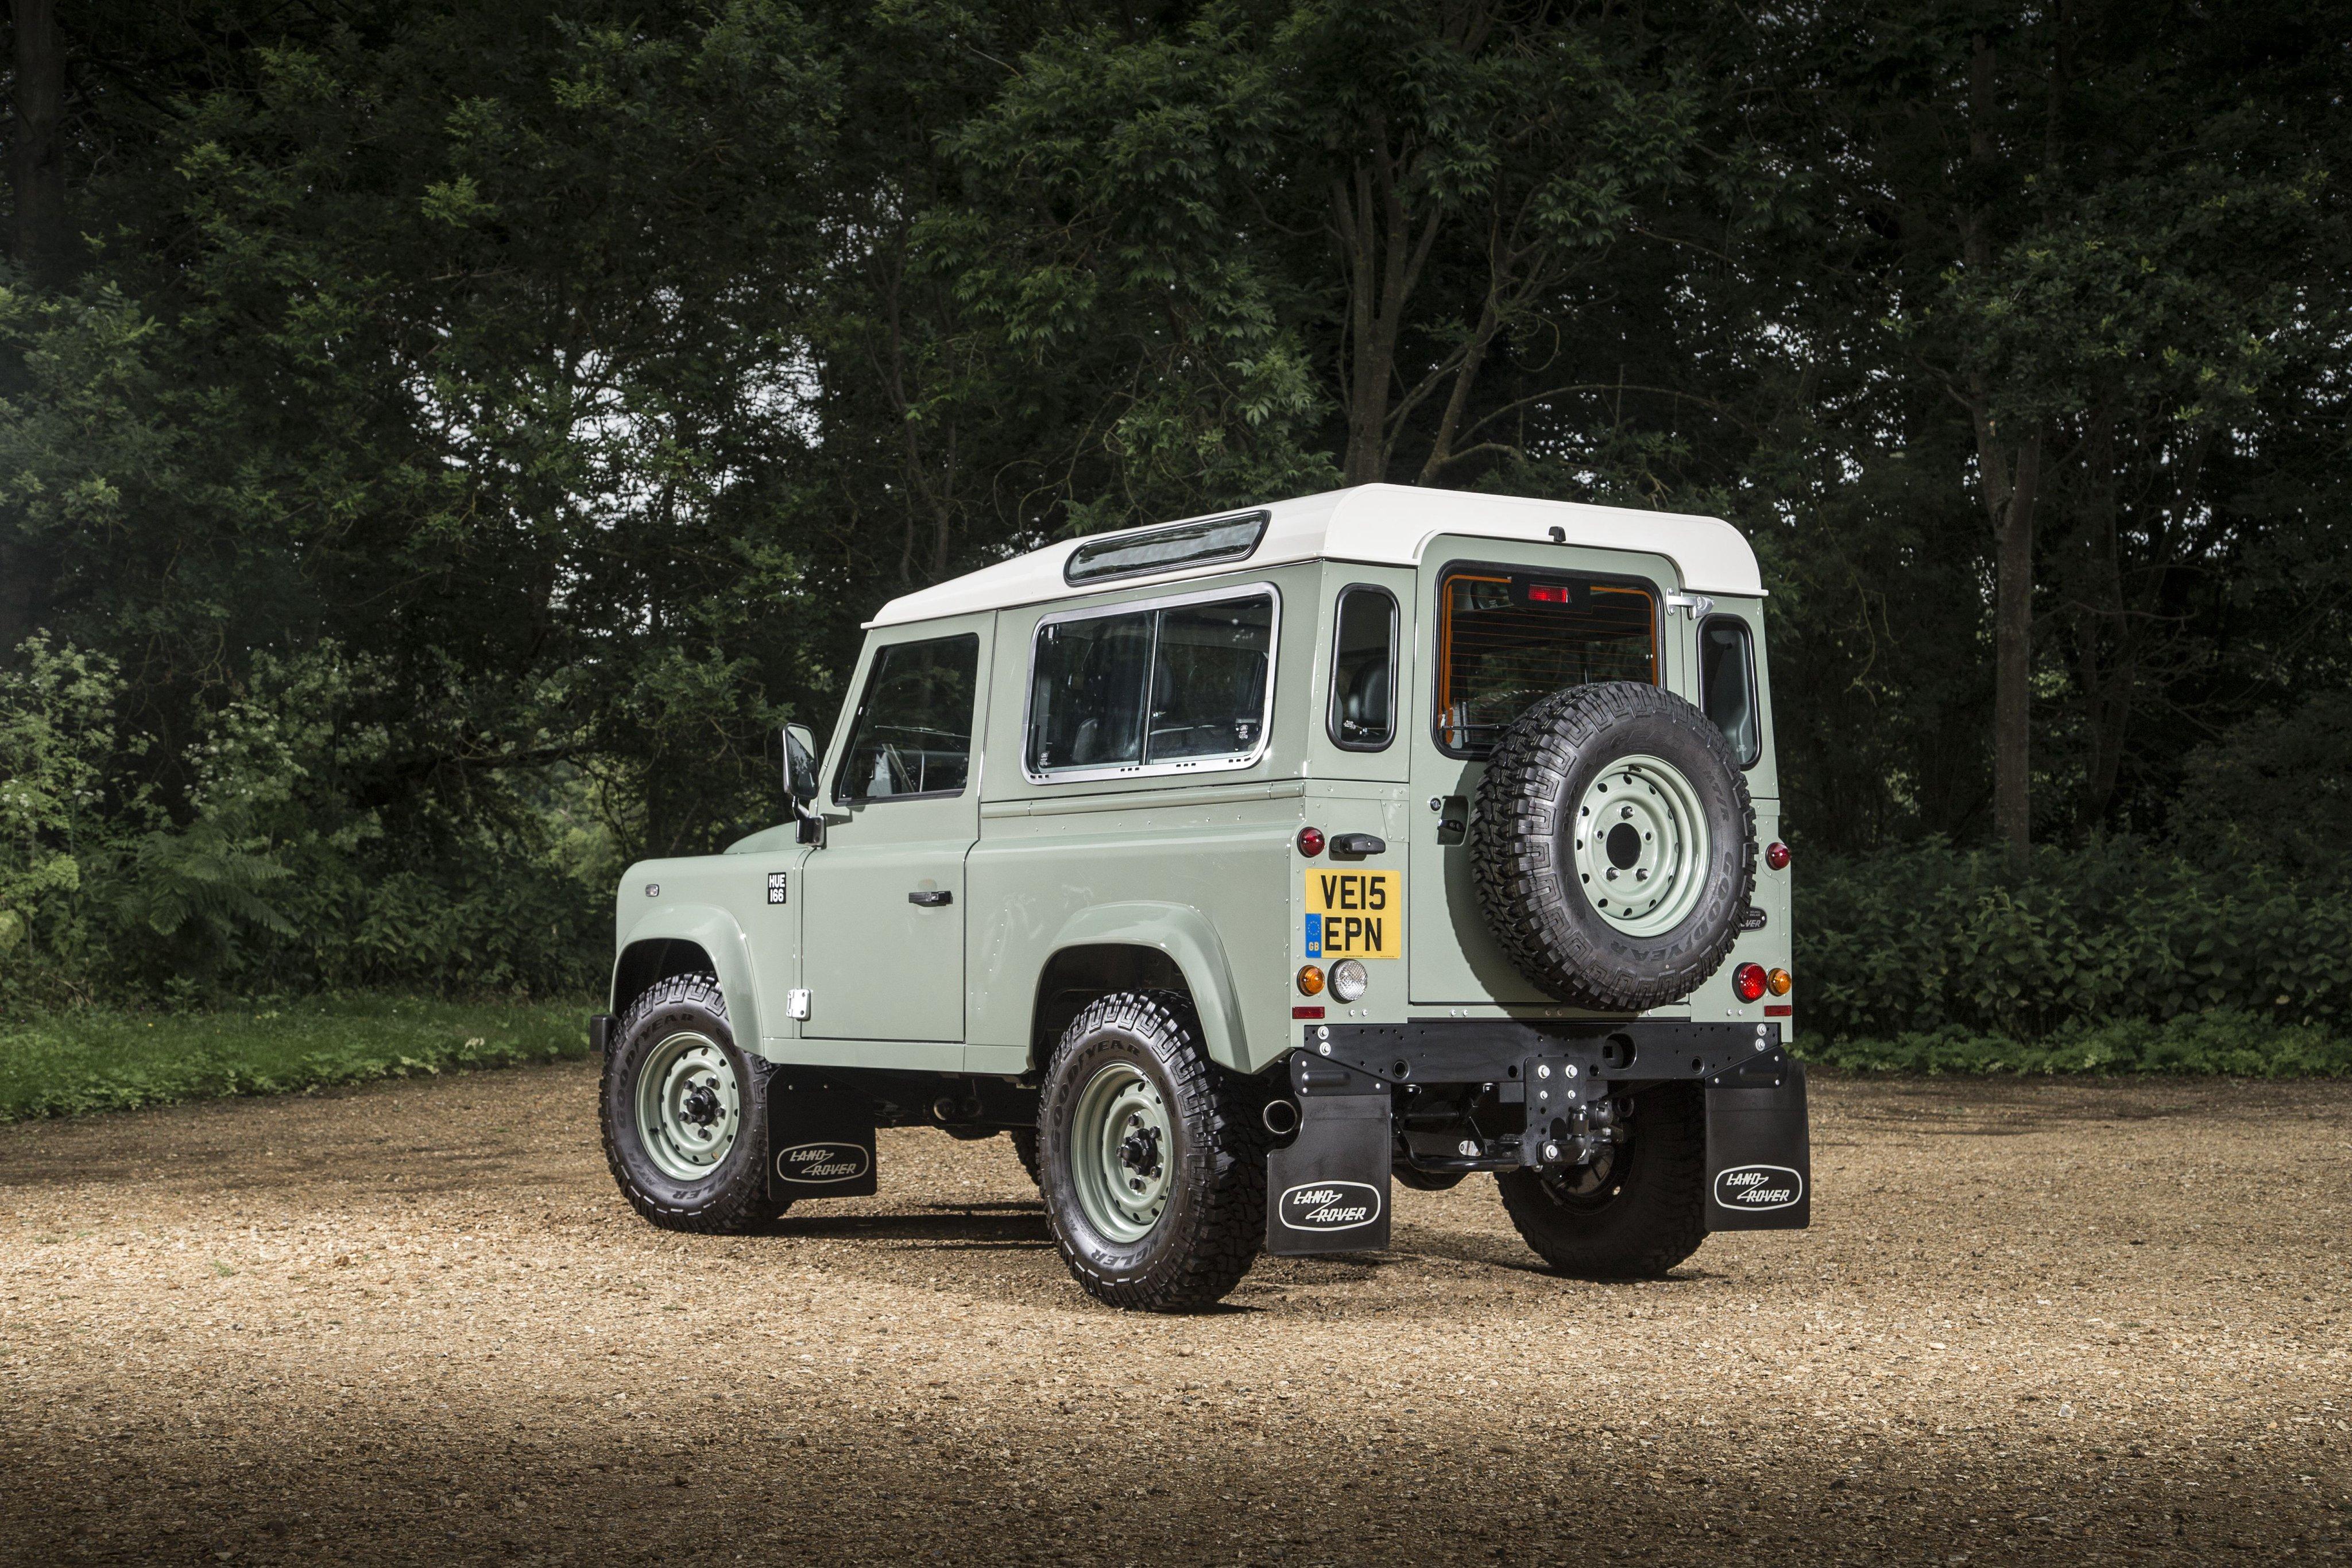 Worksheet. 2015 Land Rover Defender 90 Heritage UKspec 4x4 suv wallpaper